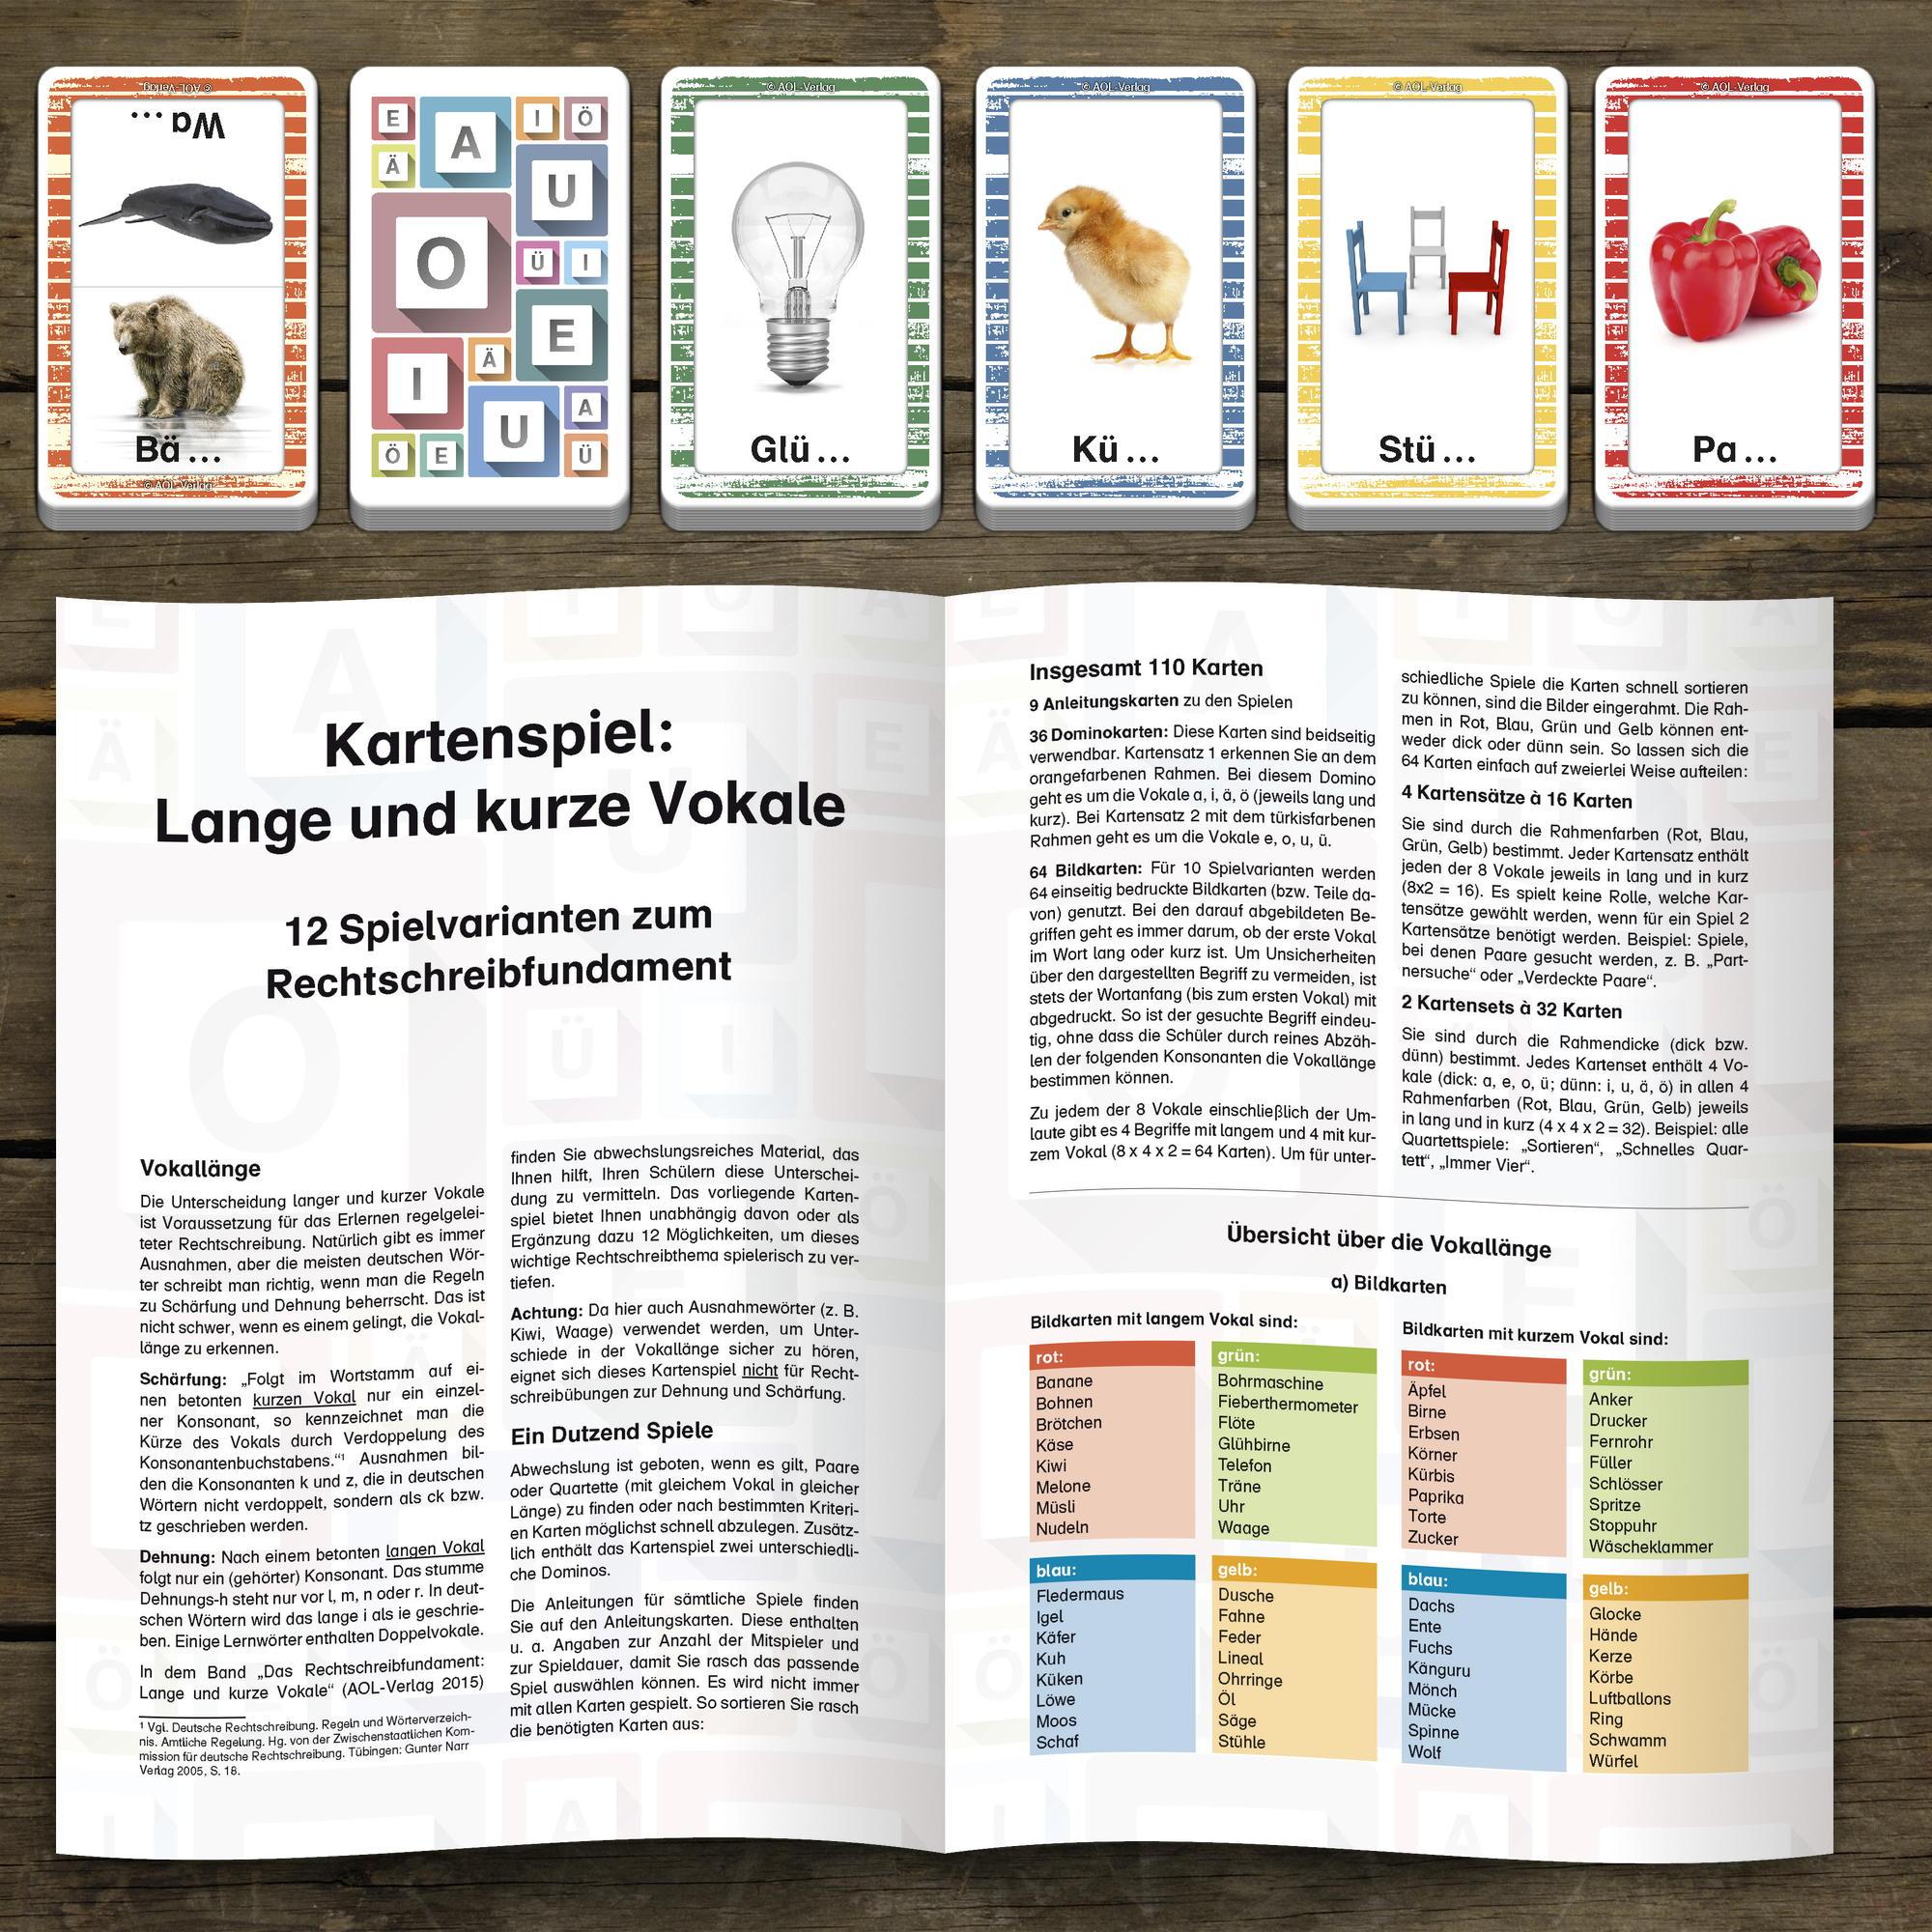 Großartig Vokal Digraph Einer Tabelle 3Klasse Bilder - Super Lehrer ...